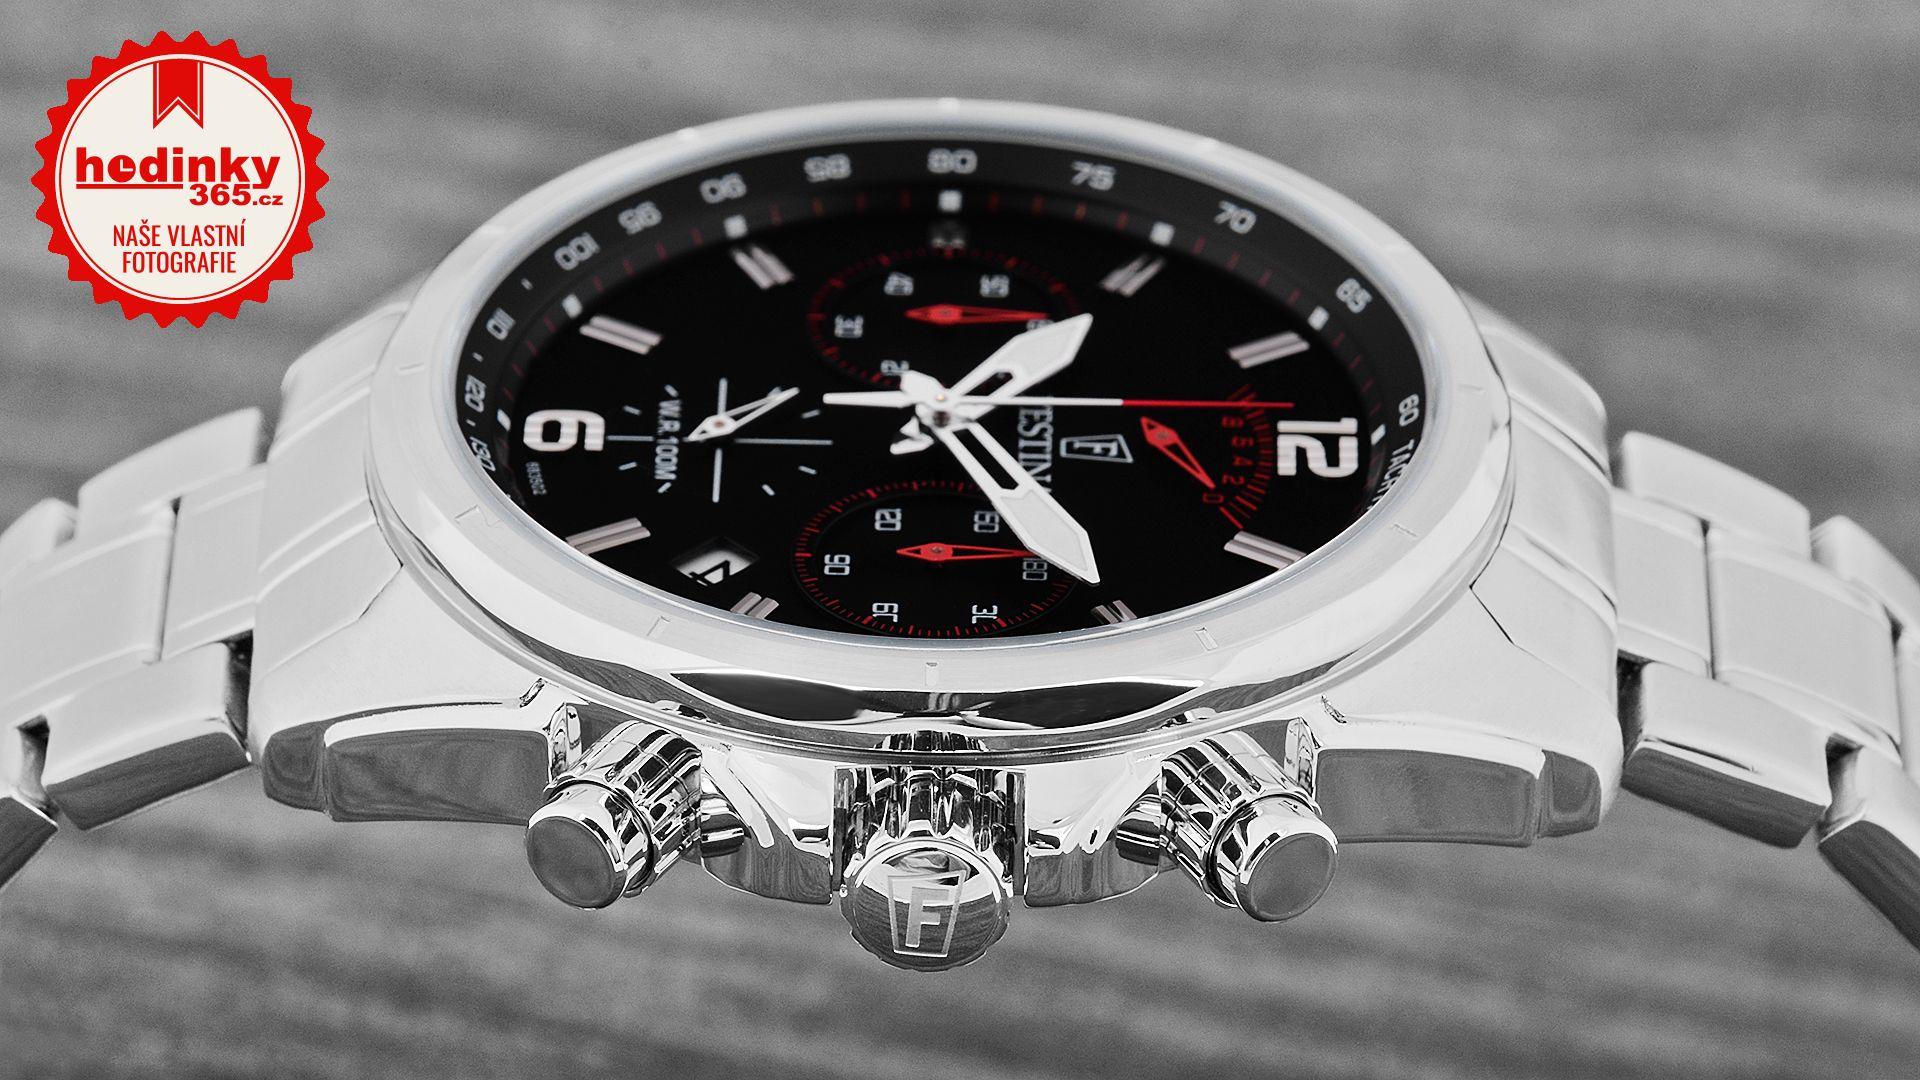 d1e381f25 Pánské hodinky - ocelový řemínek, ocel pouzdro, minerální sklíčko. Veškeré  technické parametry naleznete níže